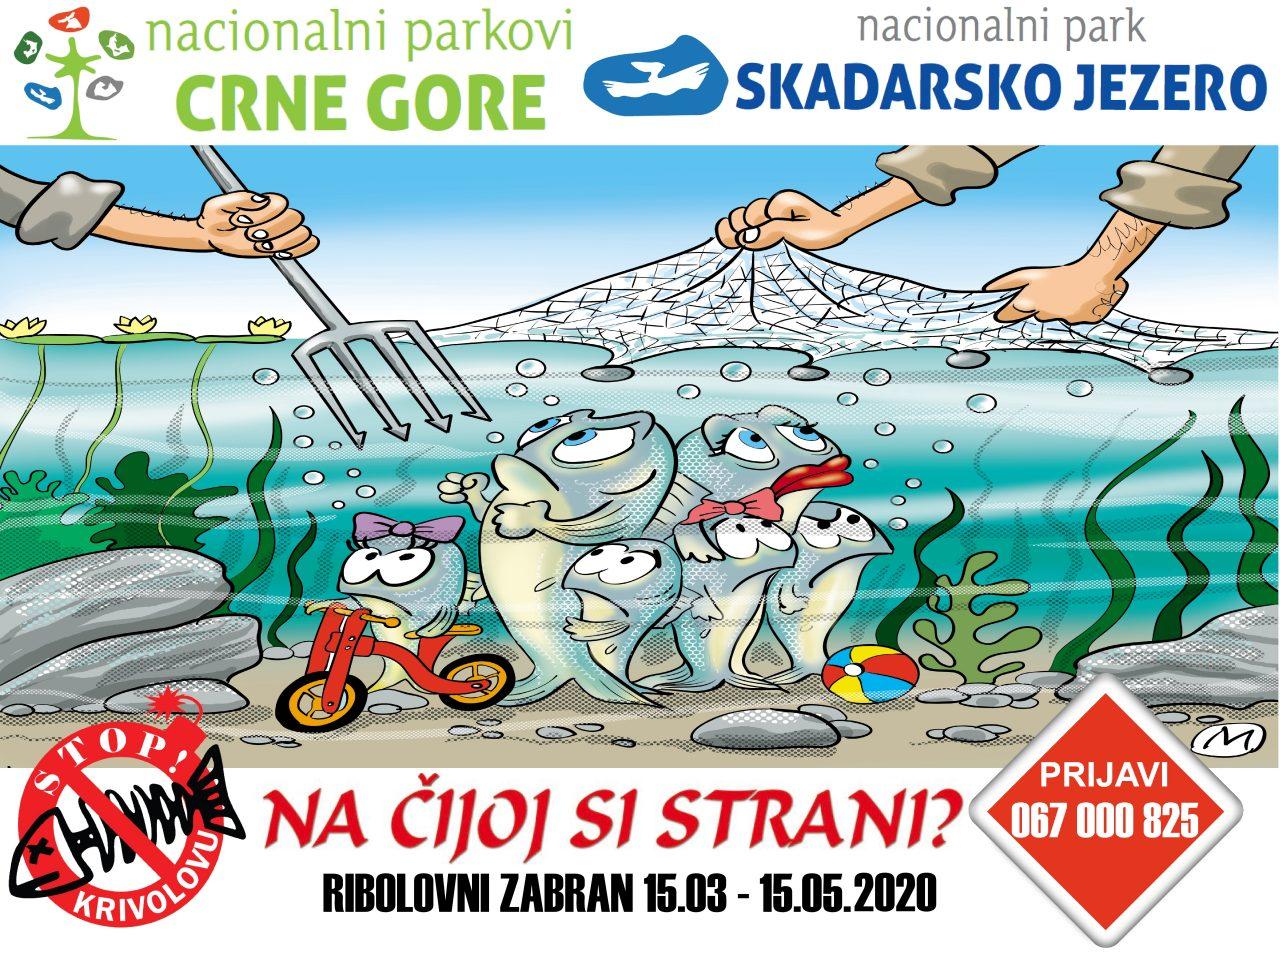 Ribolovni zabran na Skadarskom jezeru od 15. marta do 15. maja